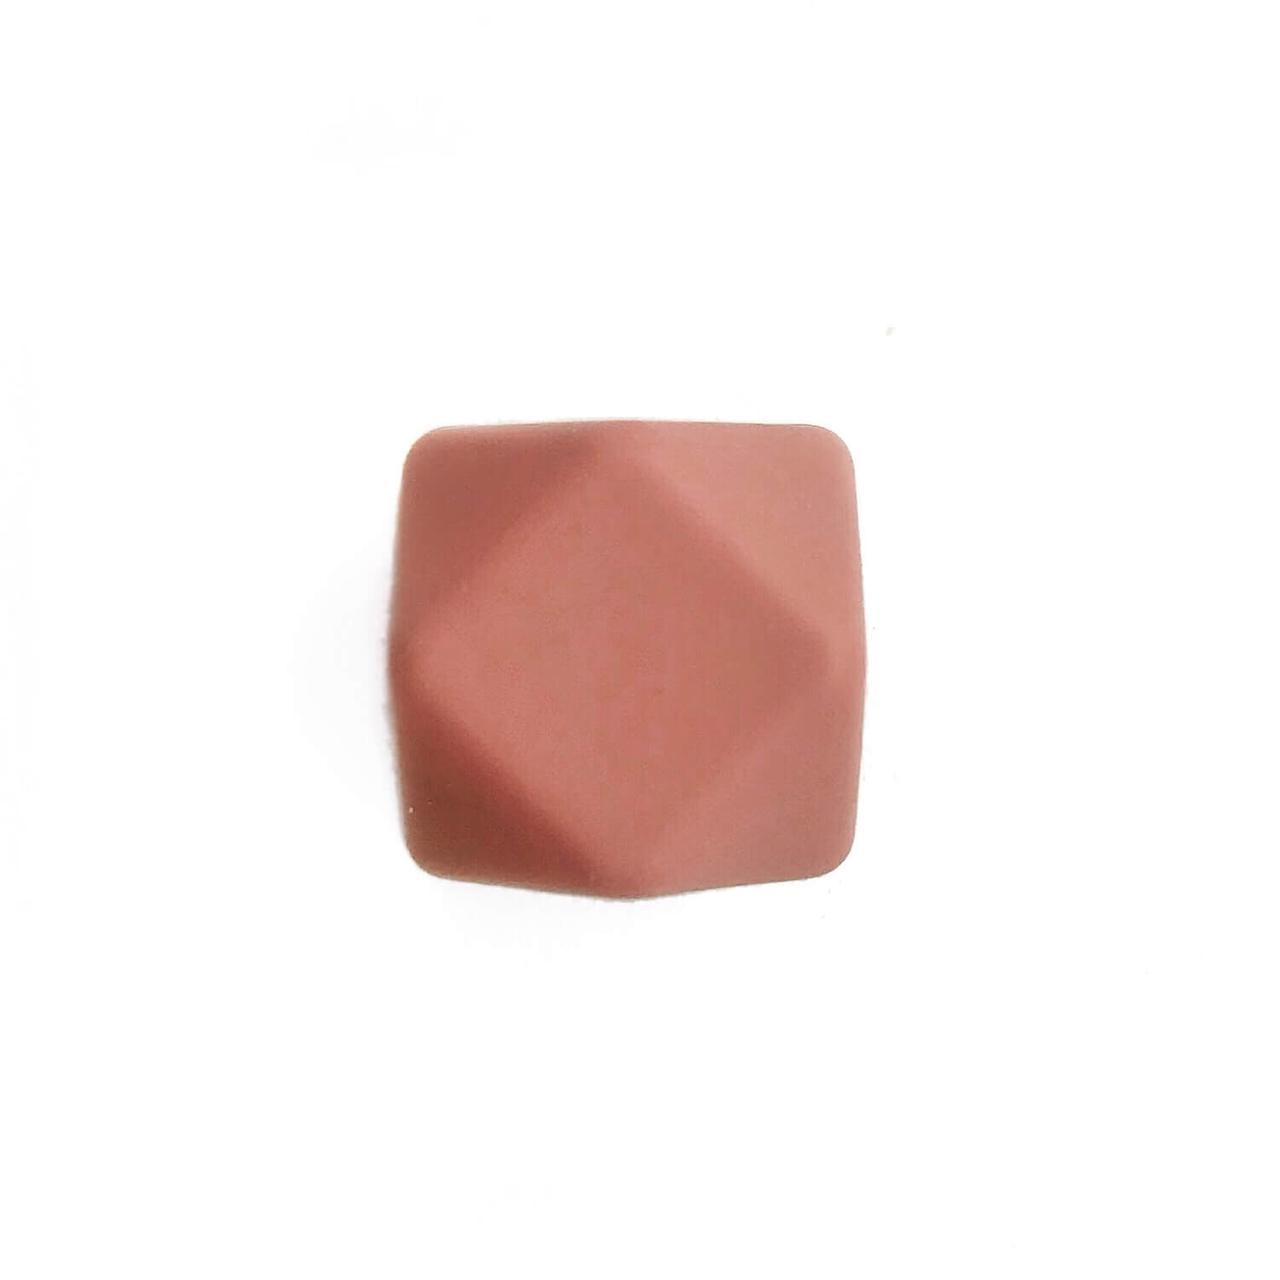 Гексагон 17мм (каштан), силиконовые бусины